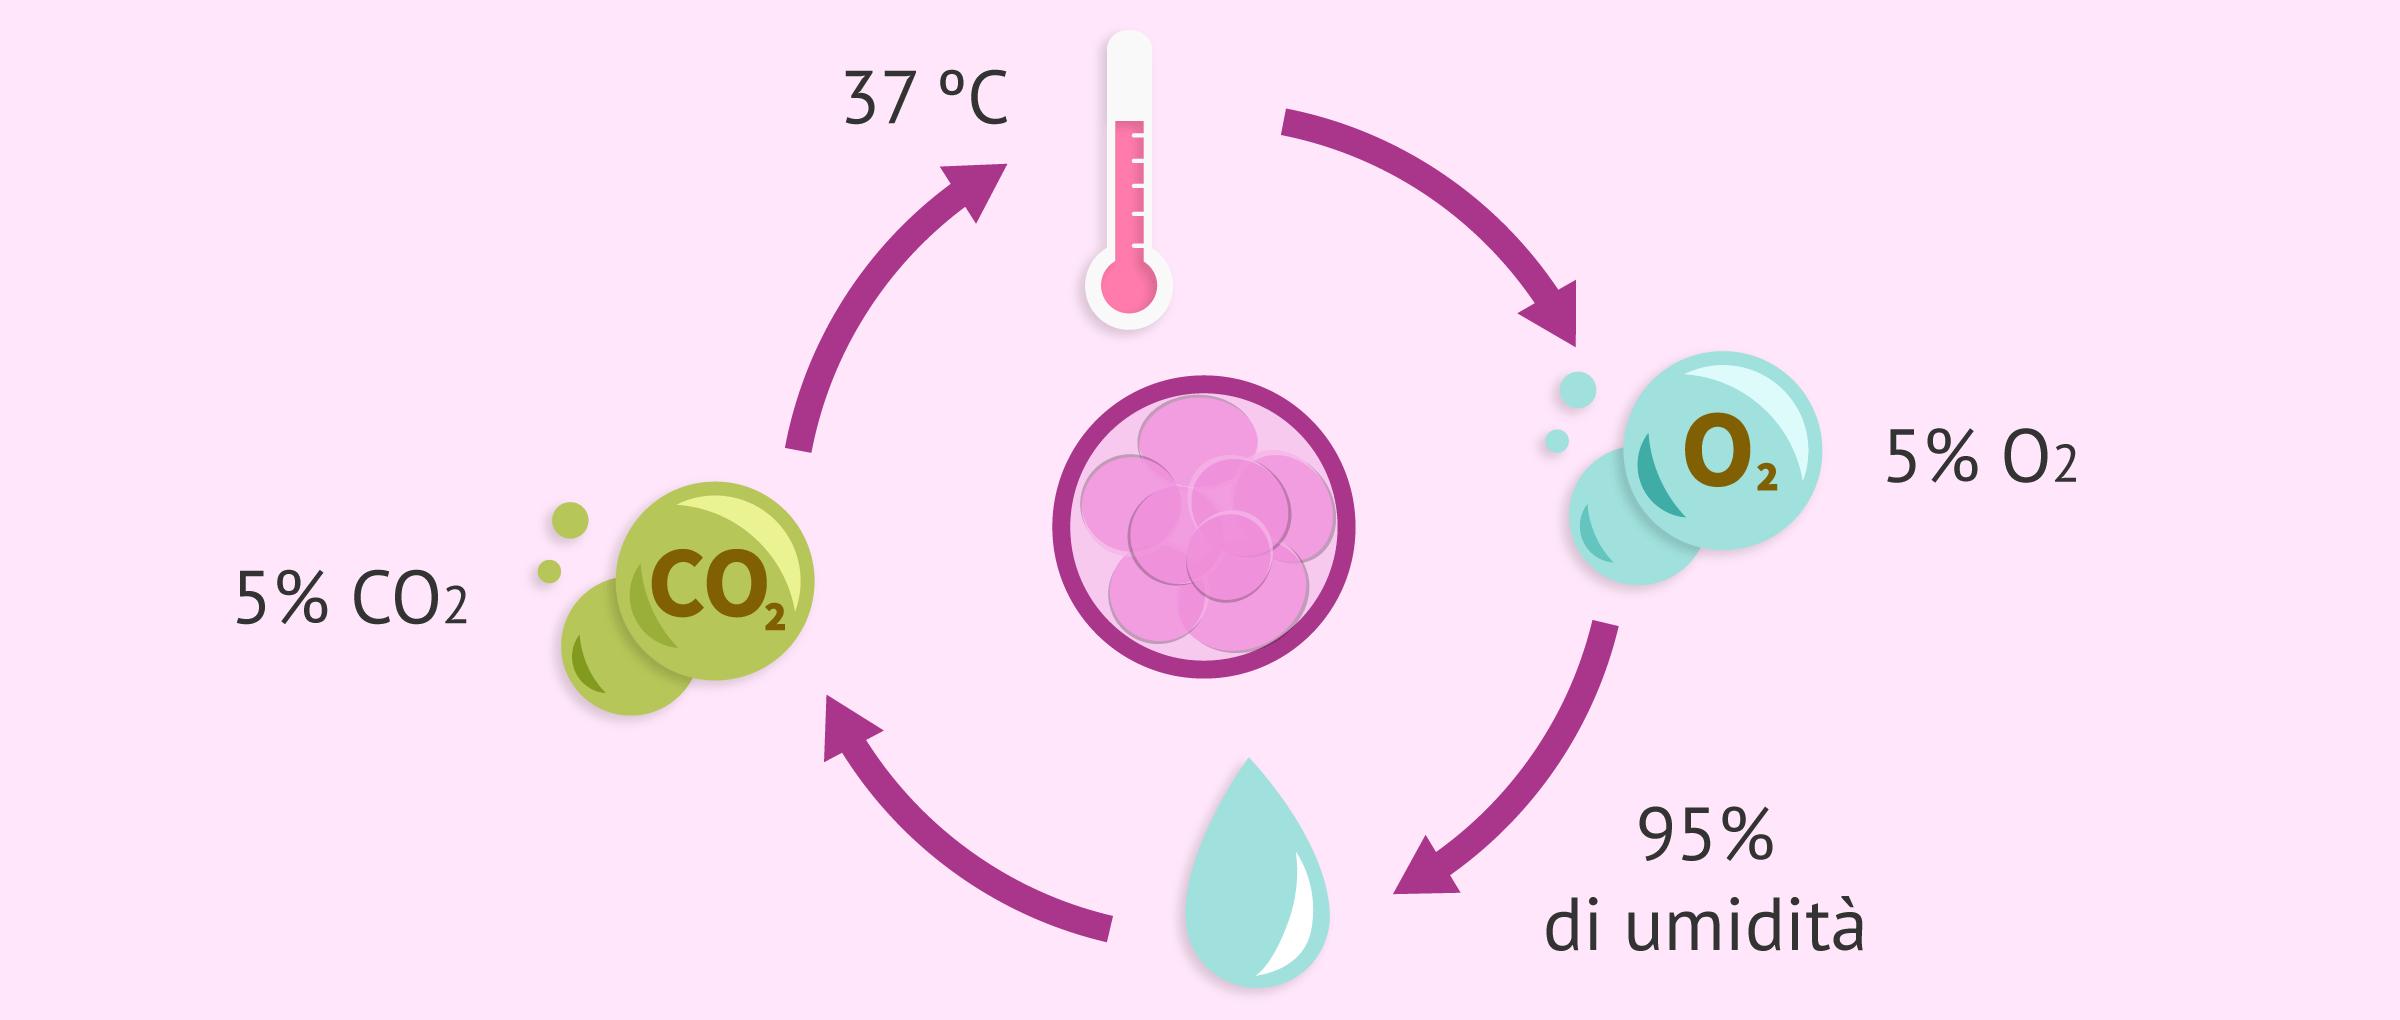 Cultura dell'embrione